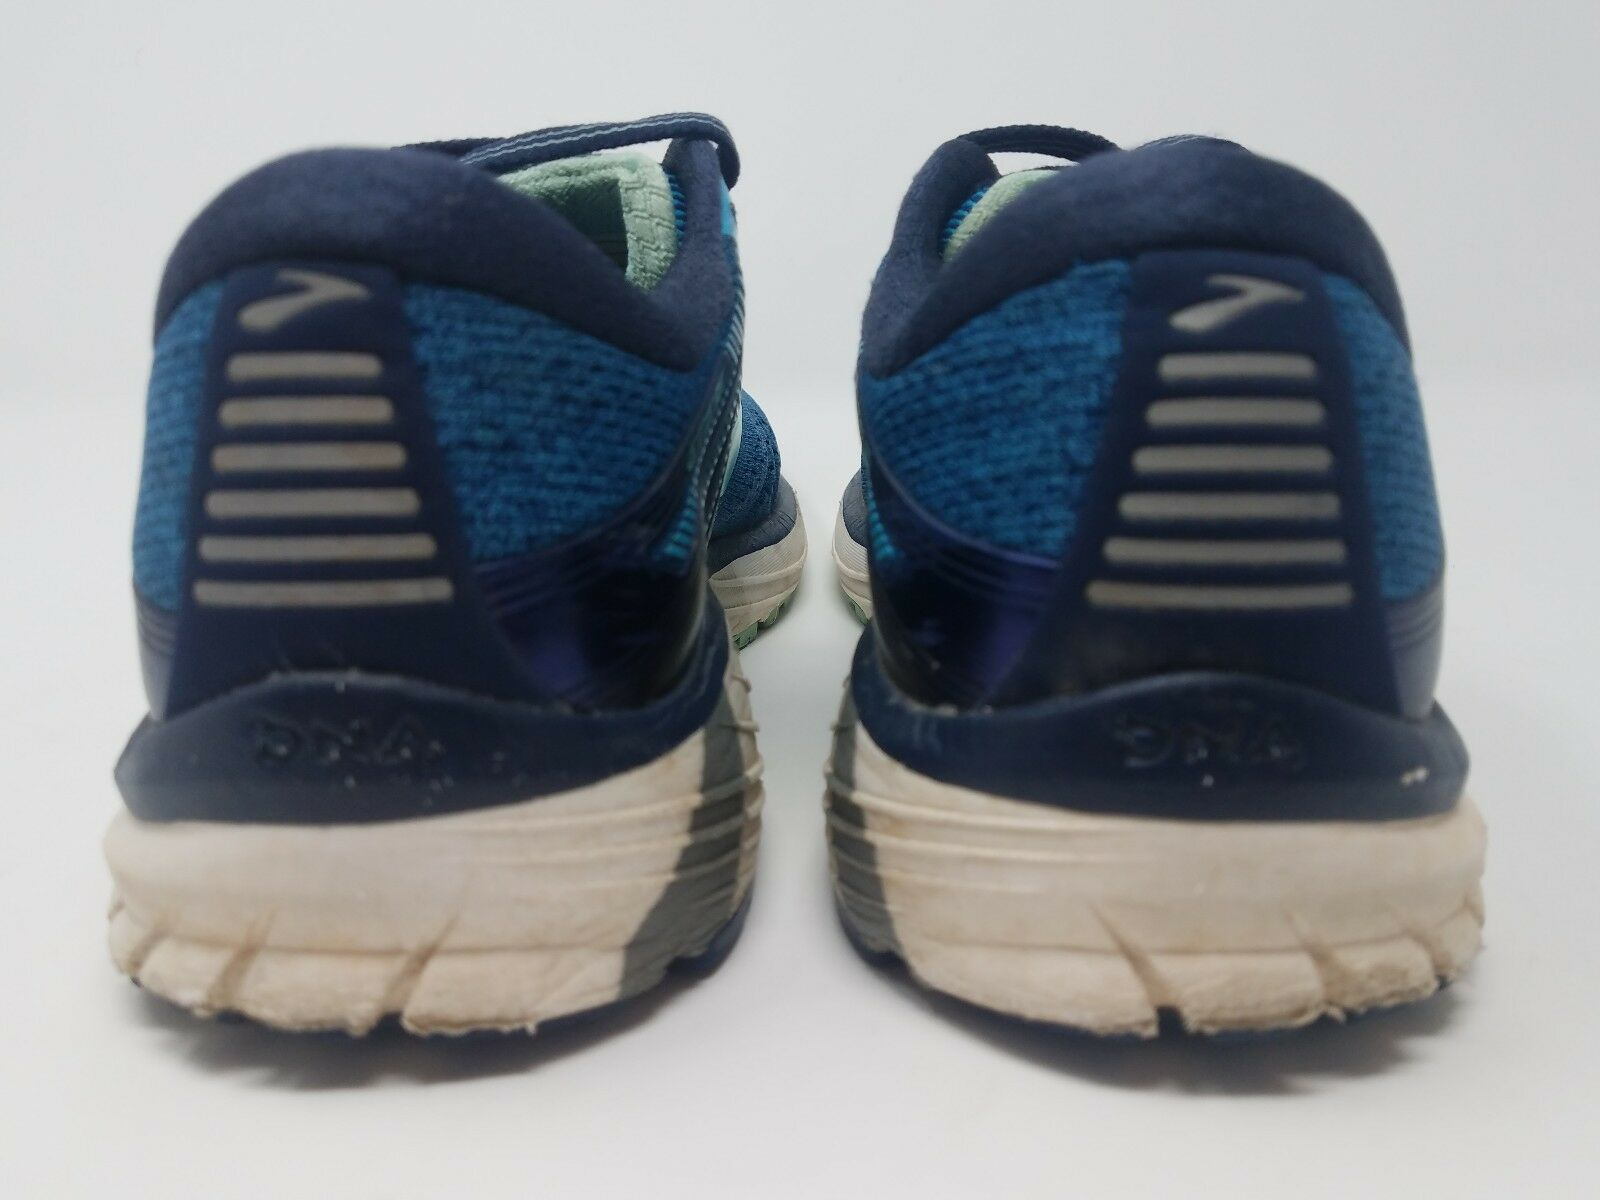 Damens's 18 Brooks Adrenaline GTS 18 Damens's Navy Blau Teal Mint Running Schuhes Sz 9.5 57cd86